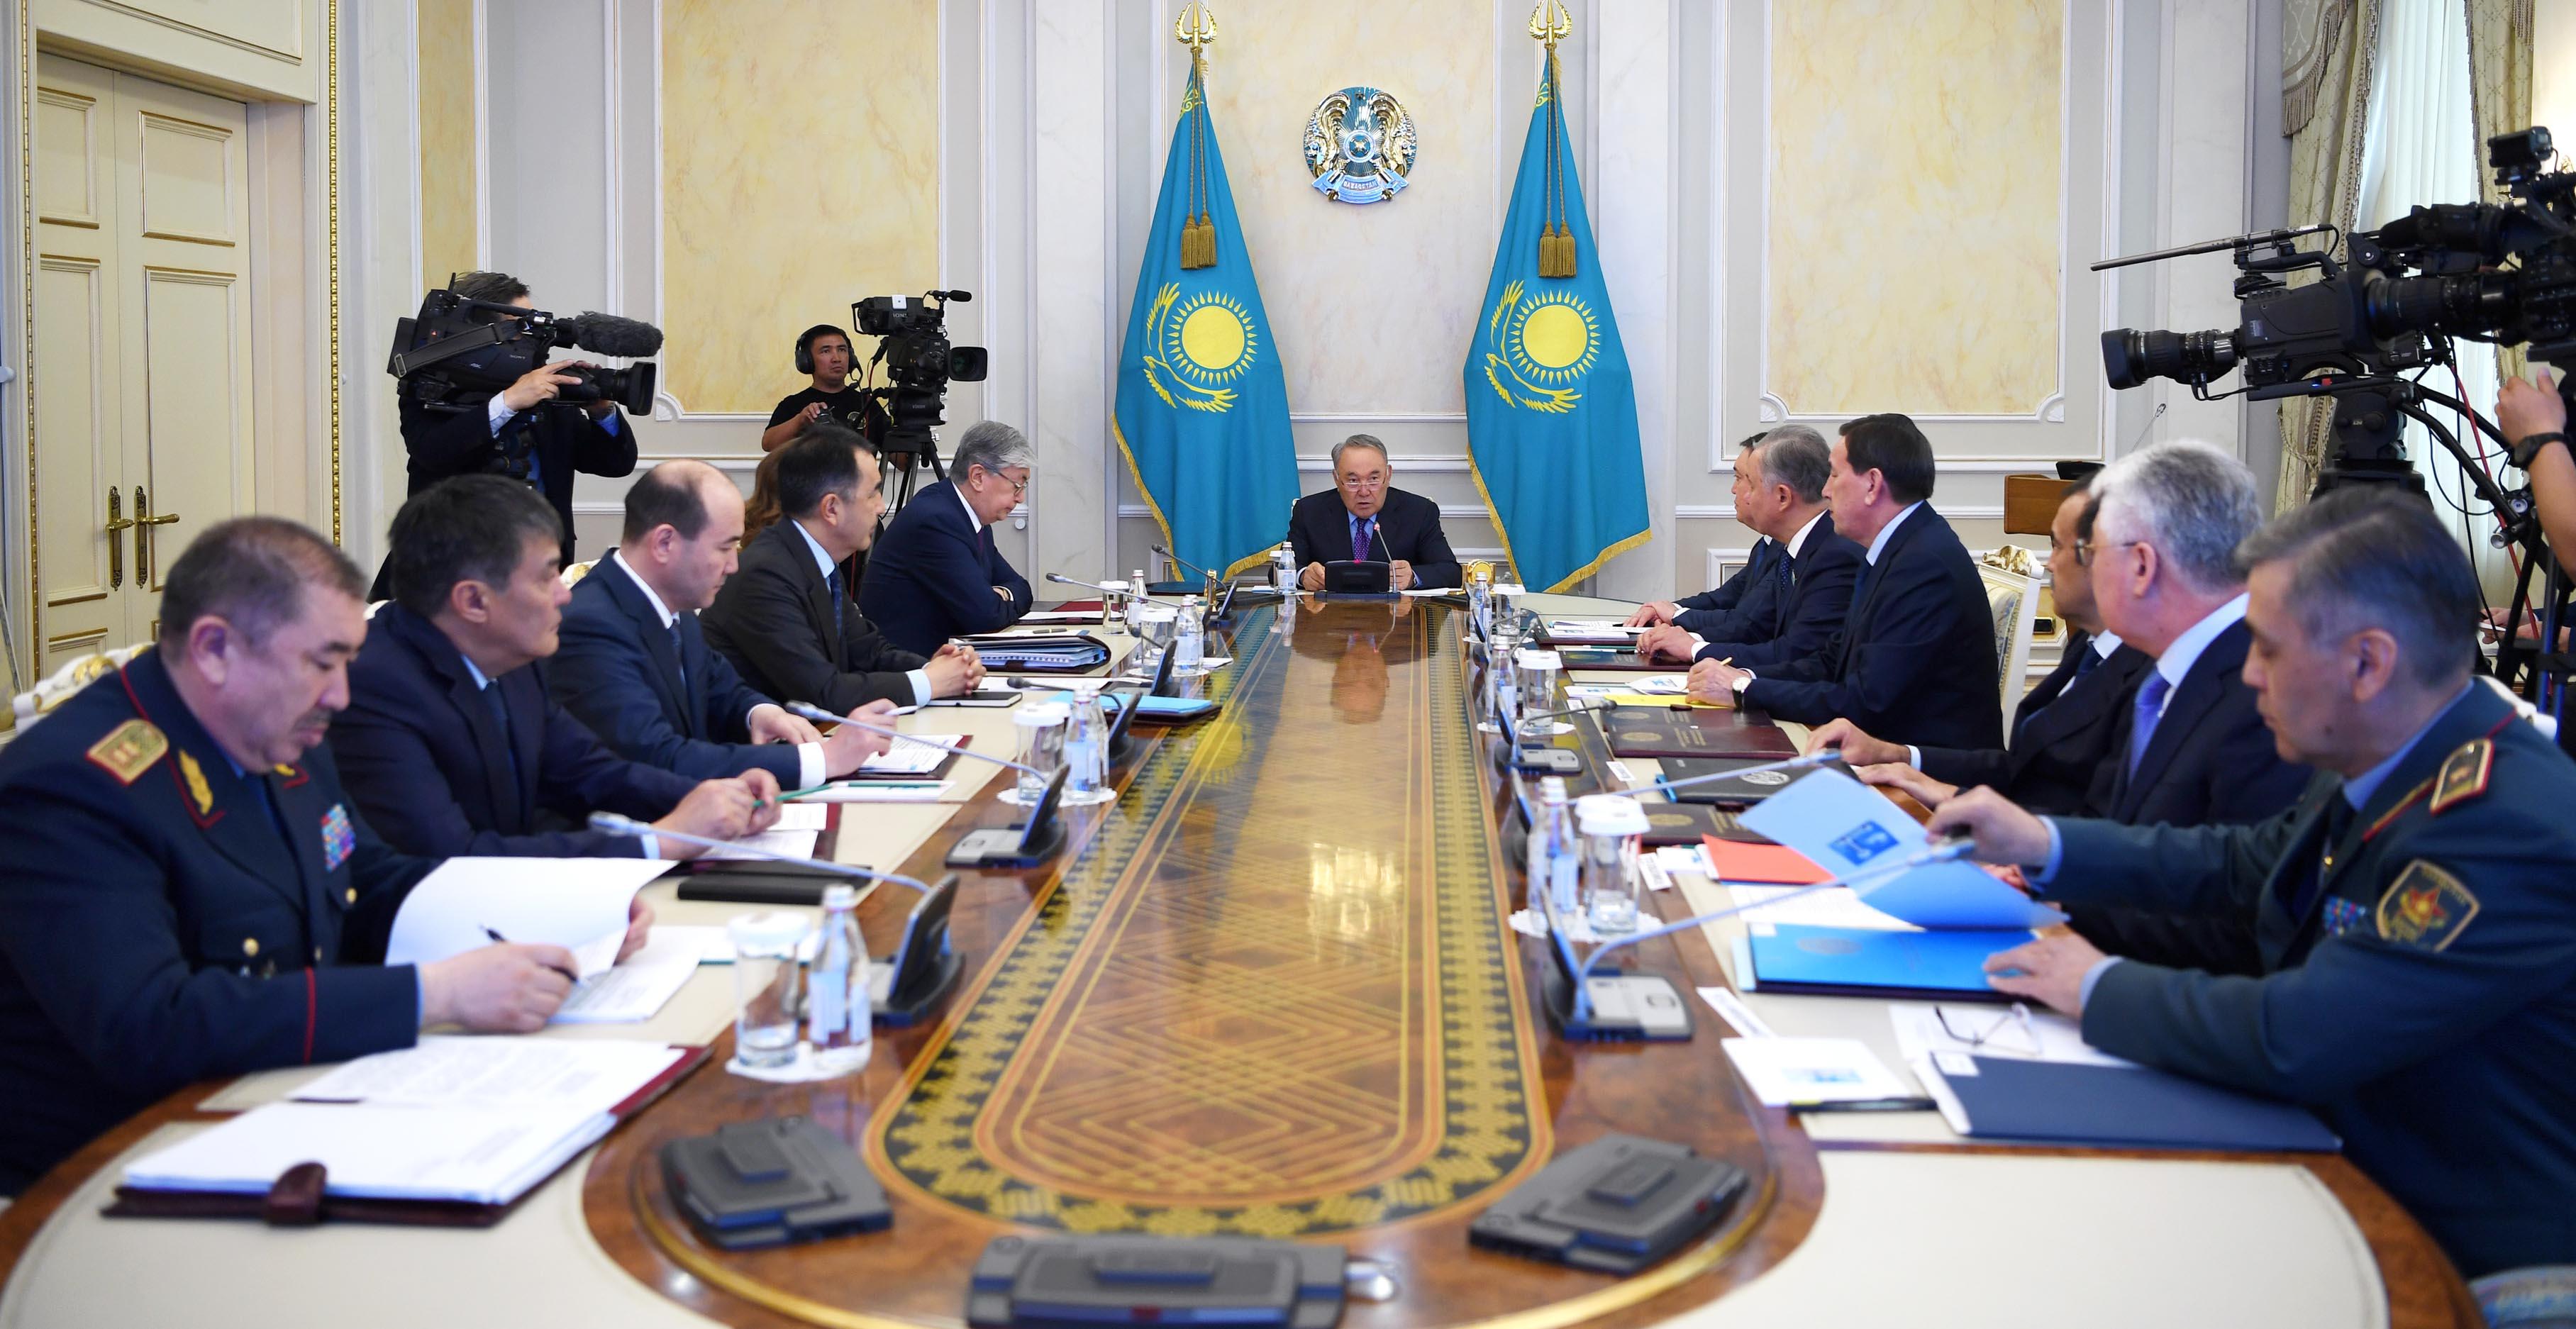 Назарбаев высказался о ЧП в Арыси на заседании Совбеза